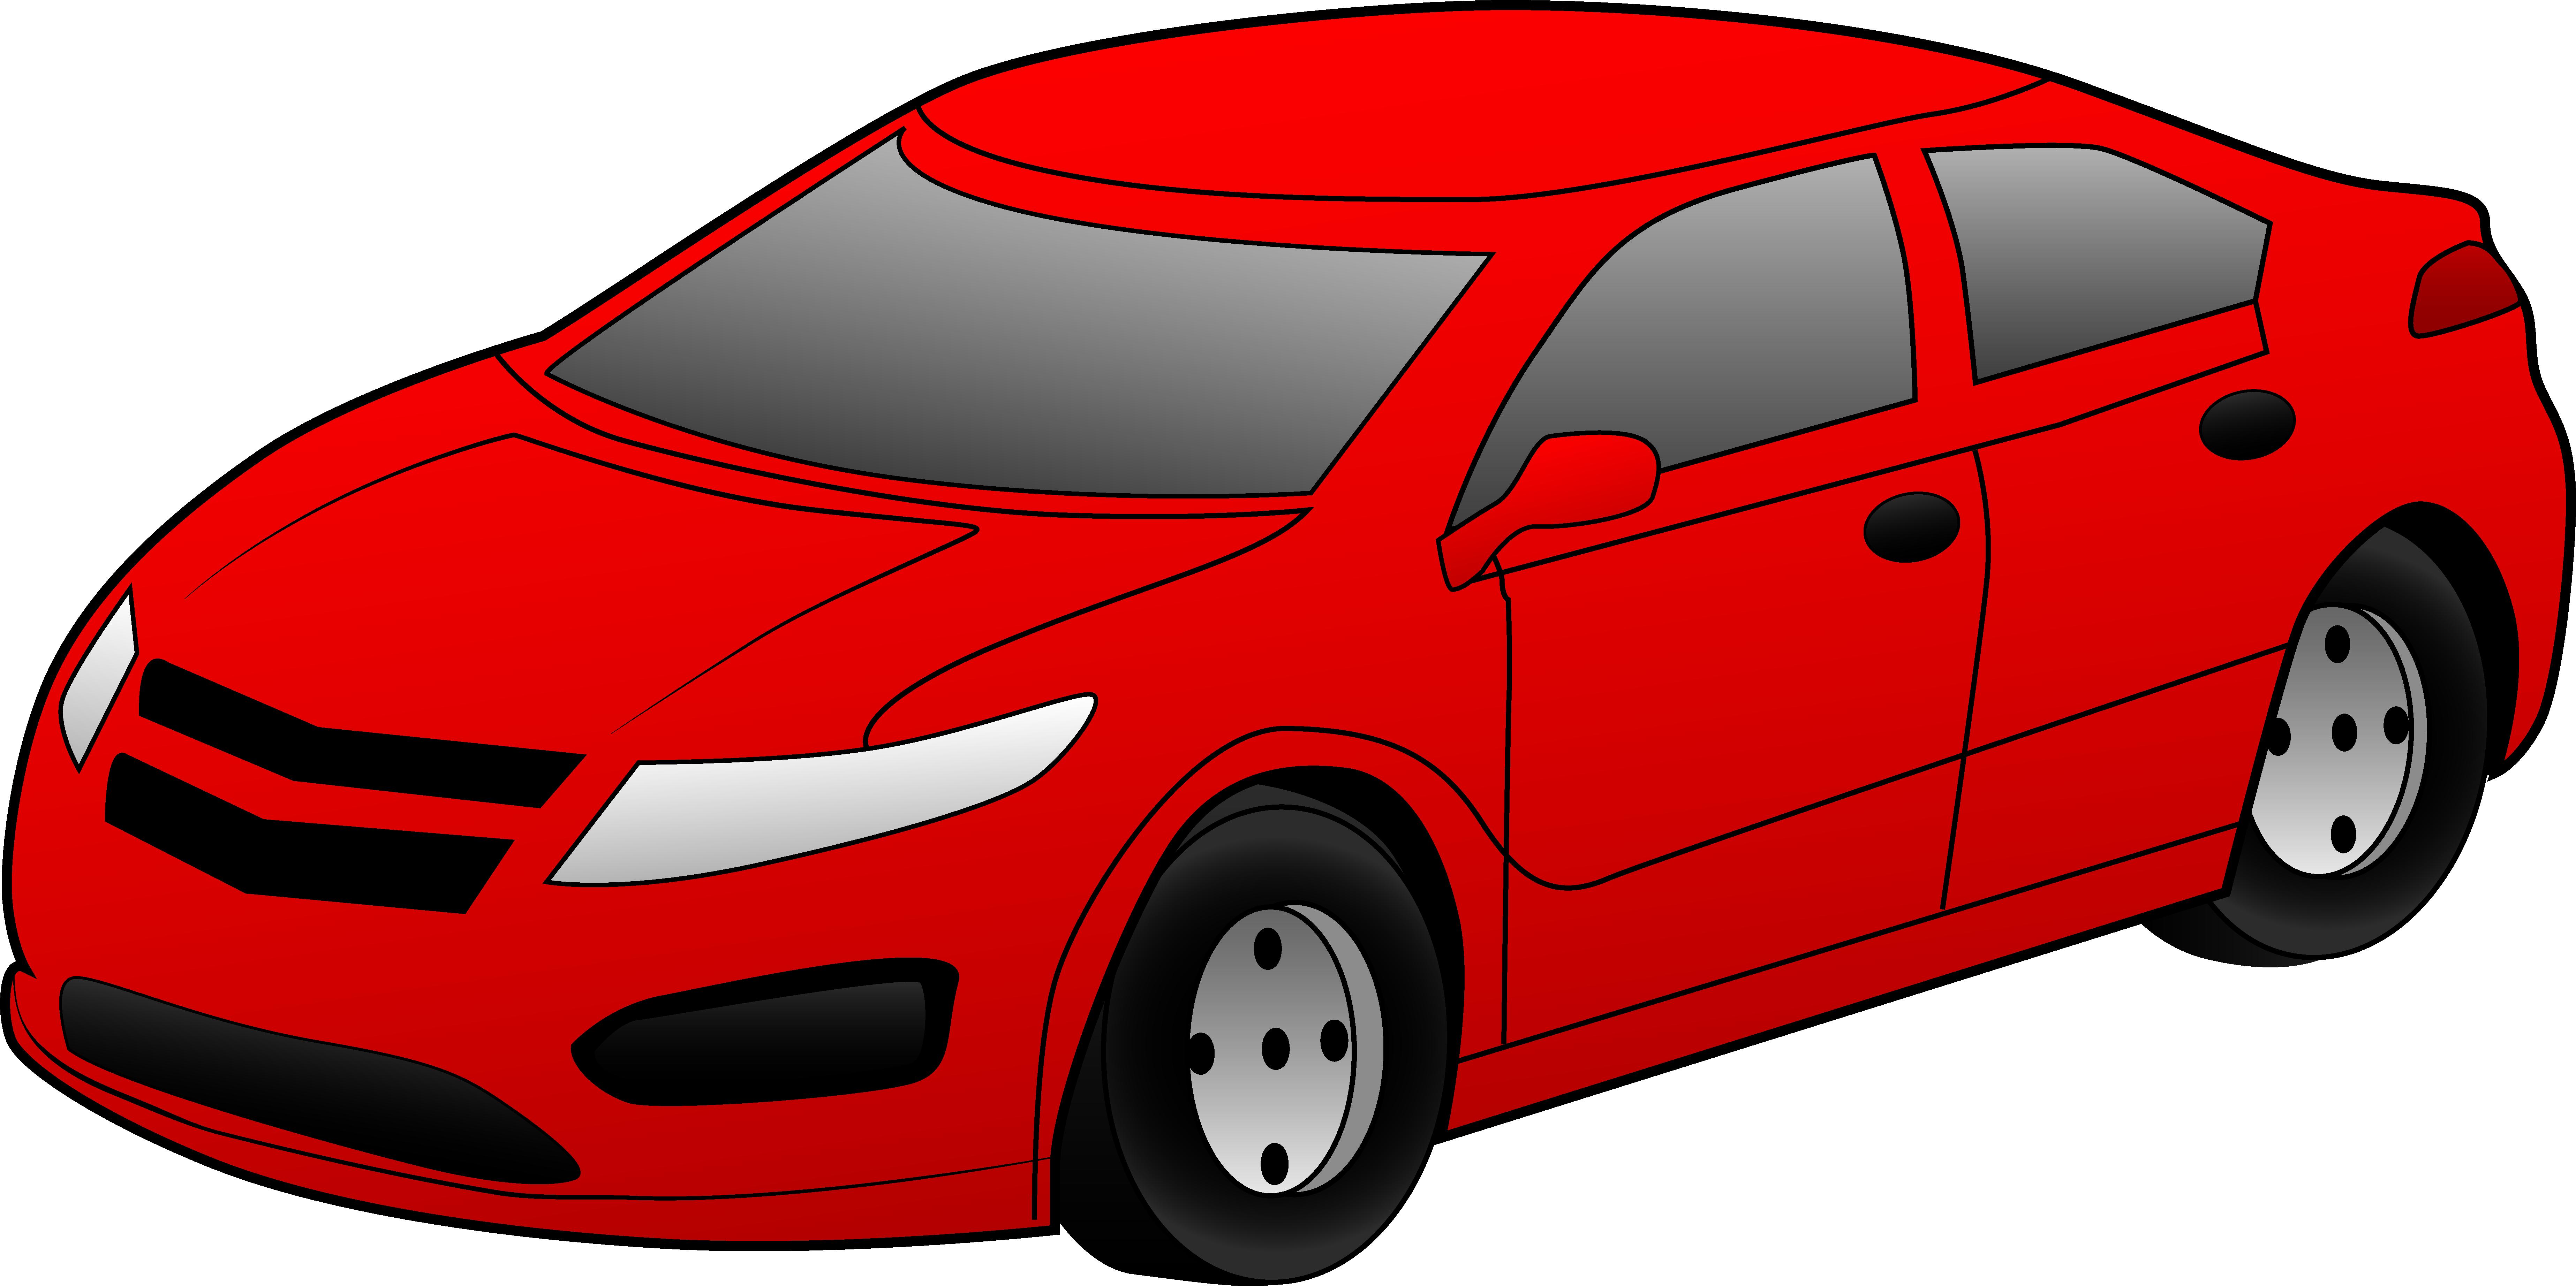 Clipart Car car clipart